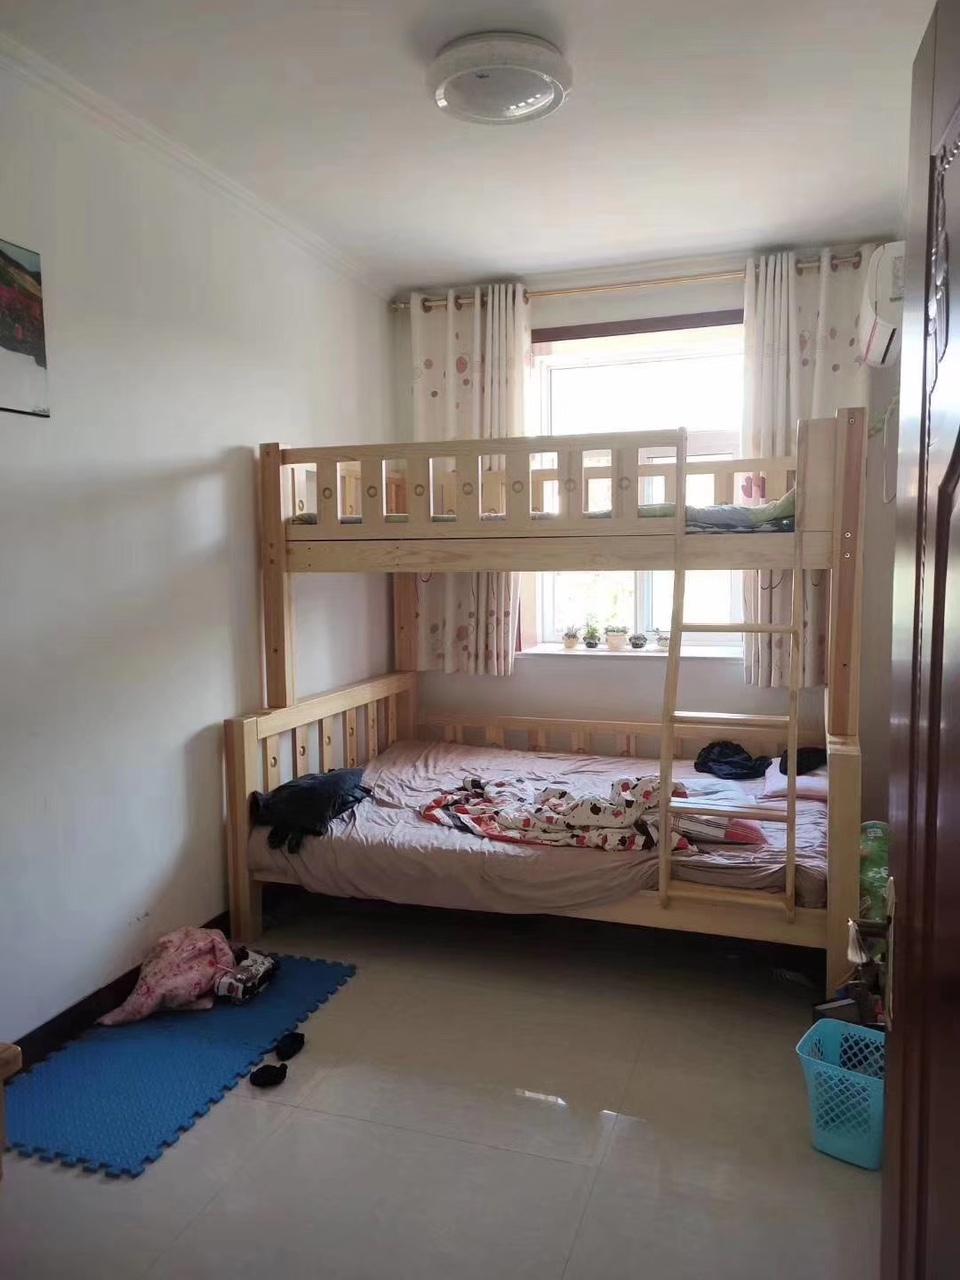 乐园新居3室 2厅 1卫101万元+车库